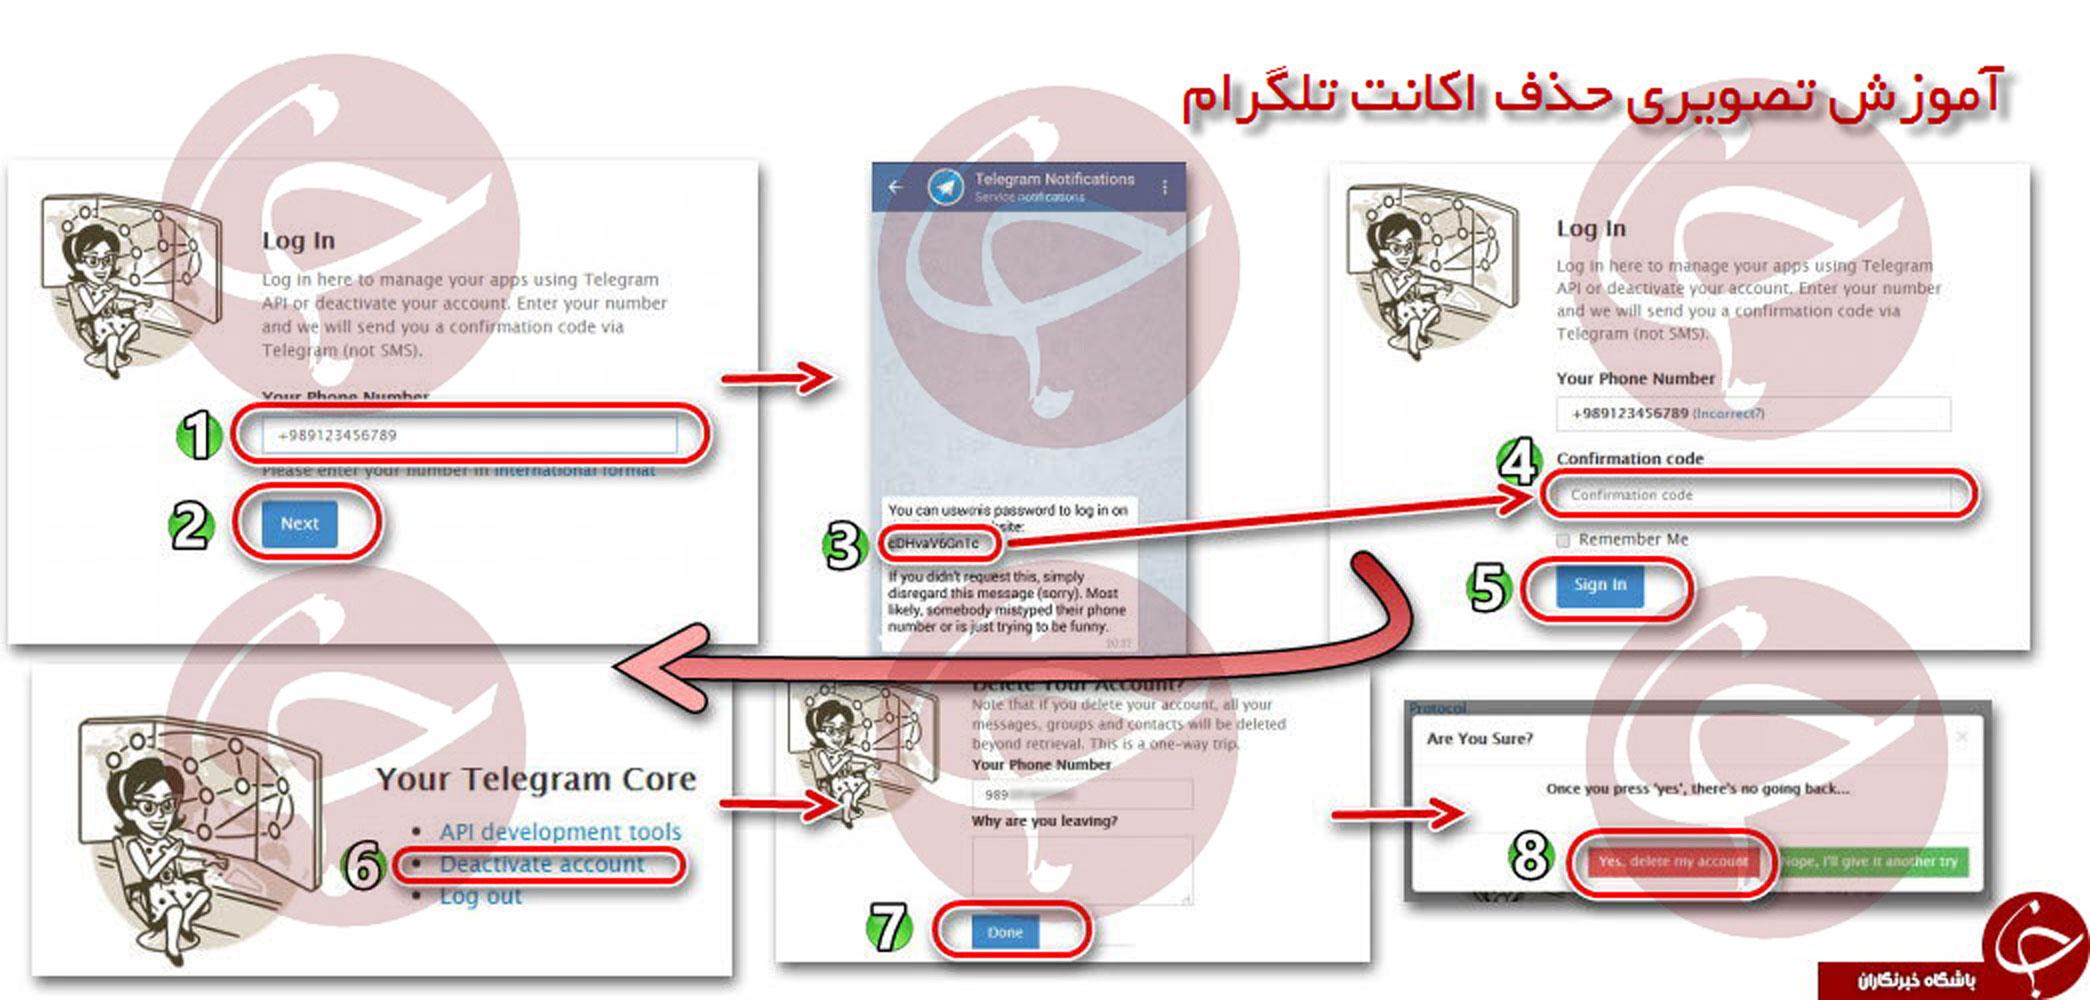 آموزش حذف حساب کاربری تلگرام + اینفوگرافی